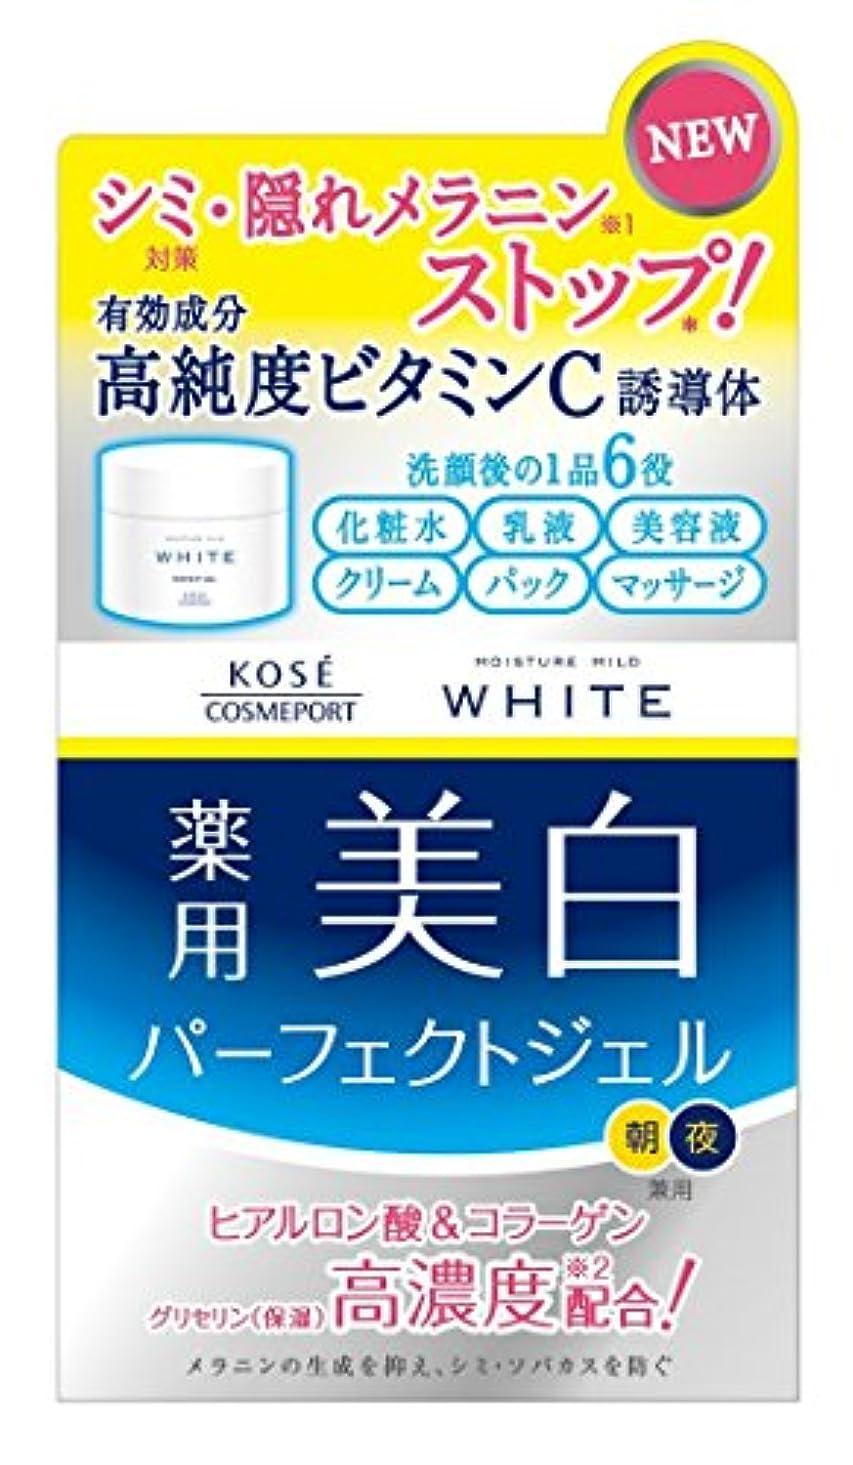 モンキー採用してはいけないKOSE モイスチュアマイルド ホワイト パーフェクトジェル 100g (医薬部外品)